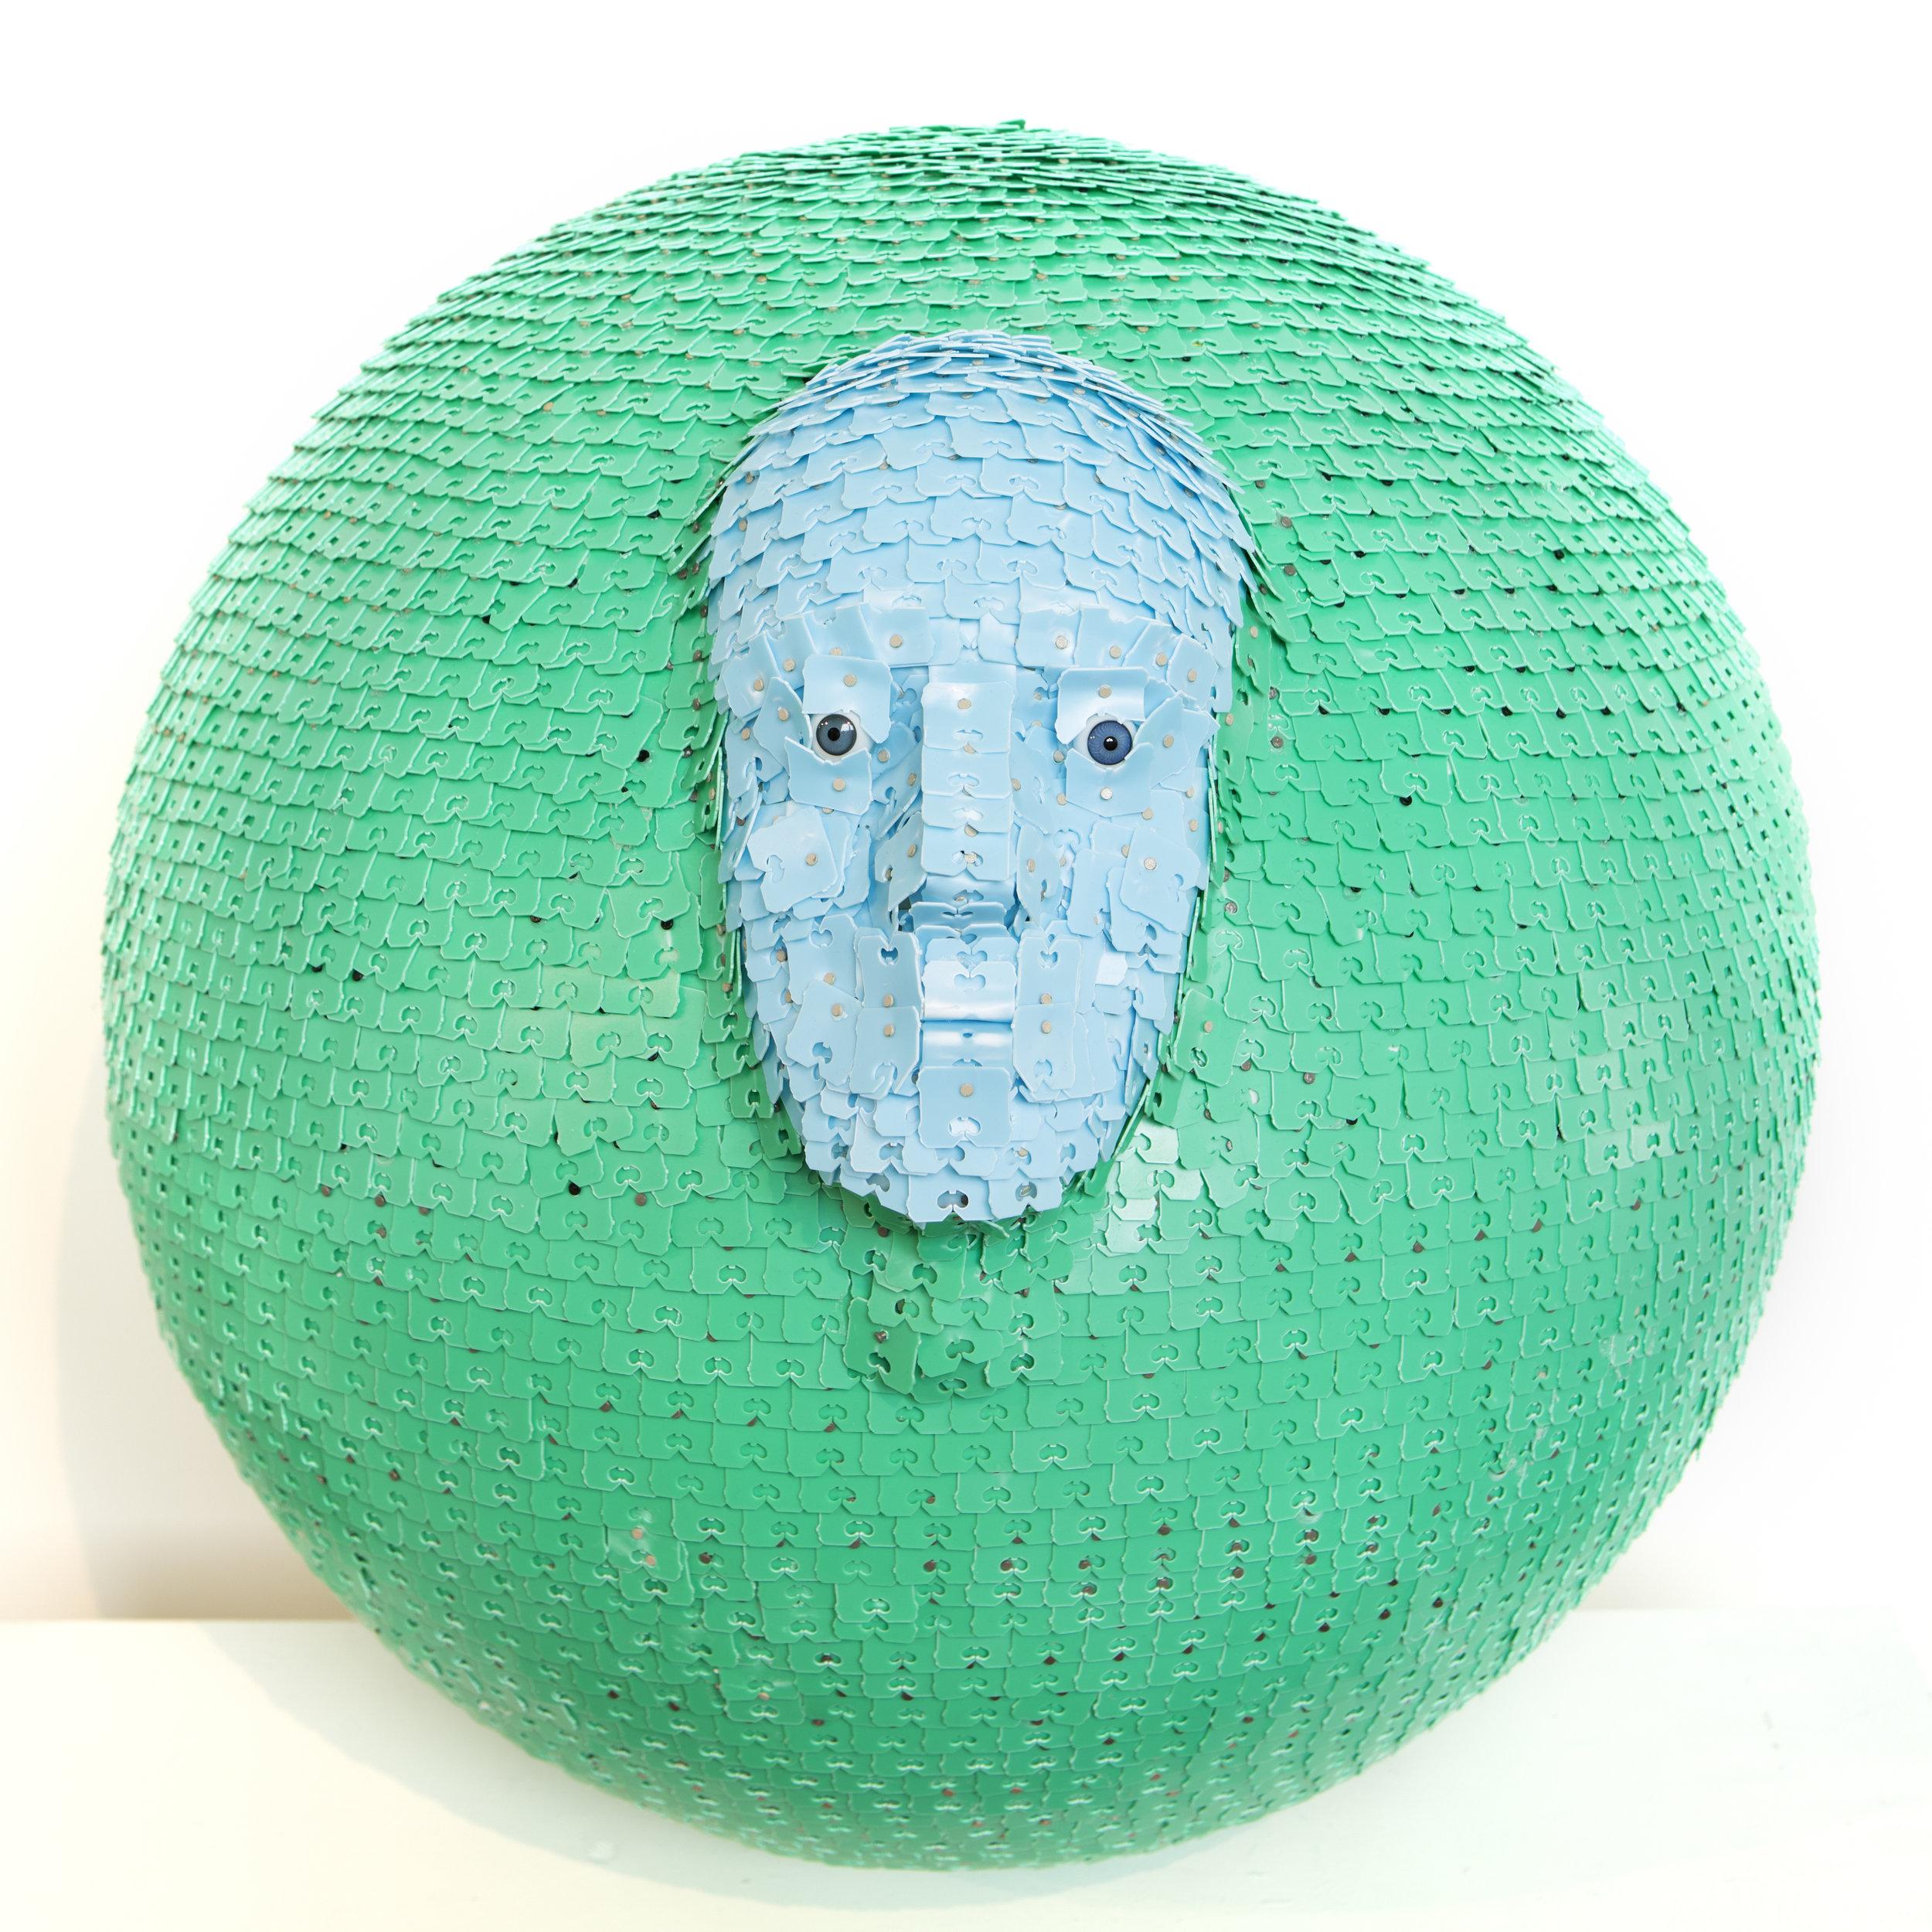 Alex Lockwood, Birth of a Blue Man